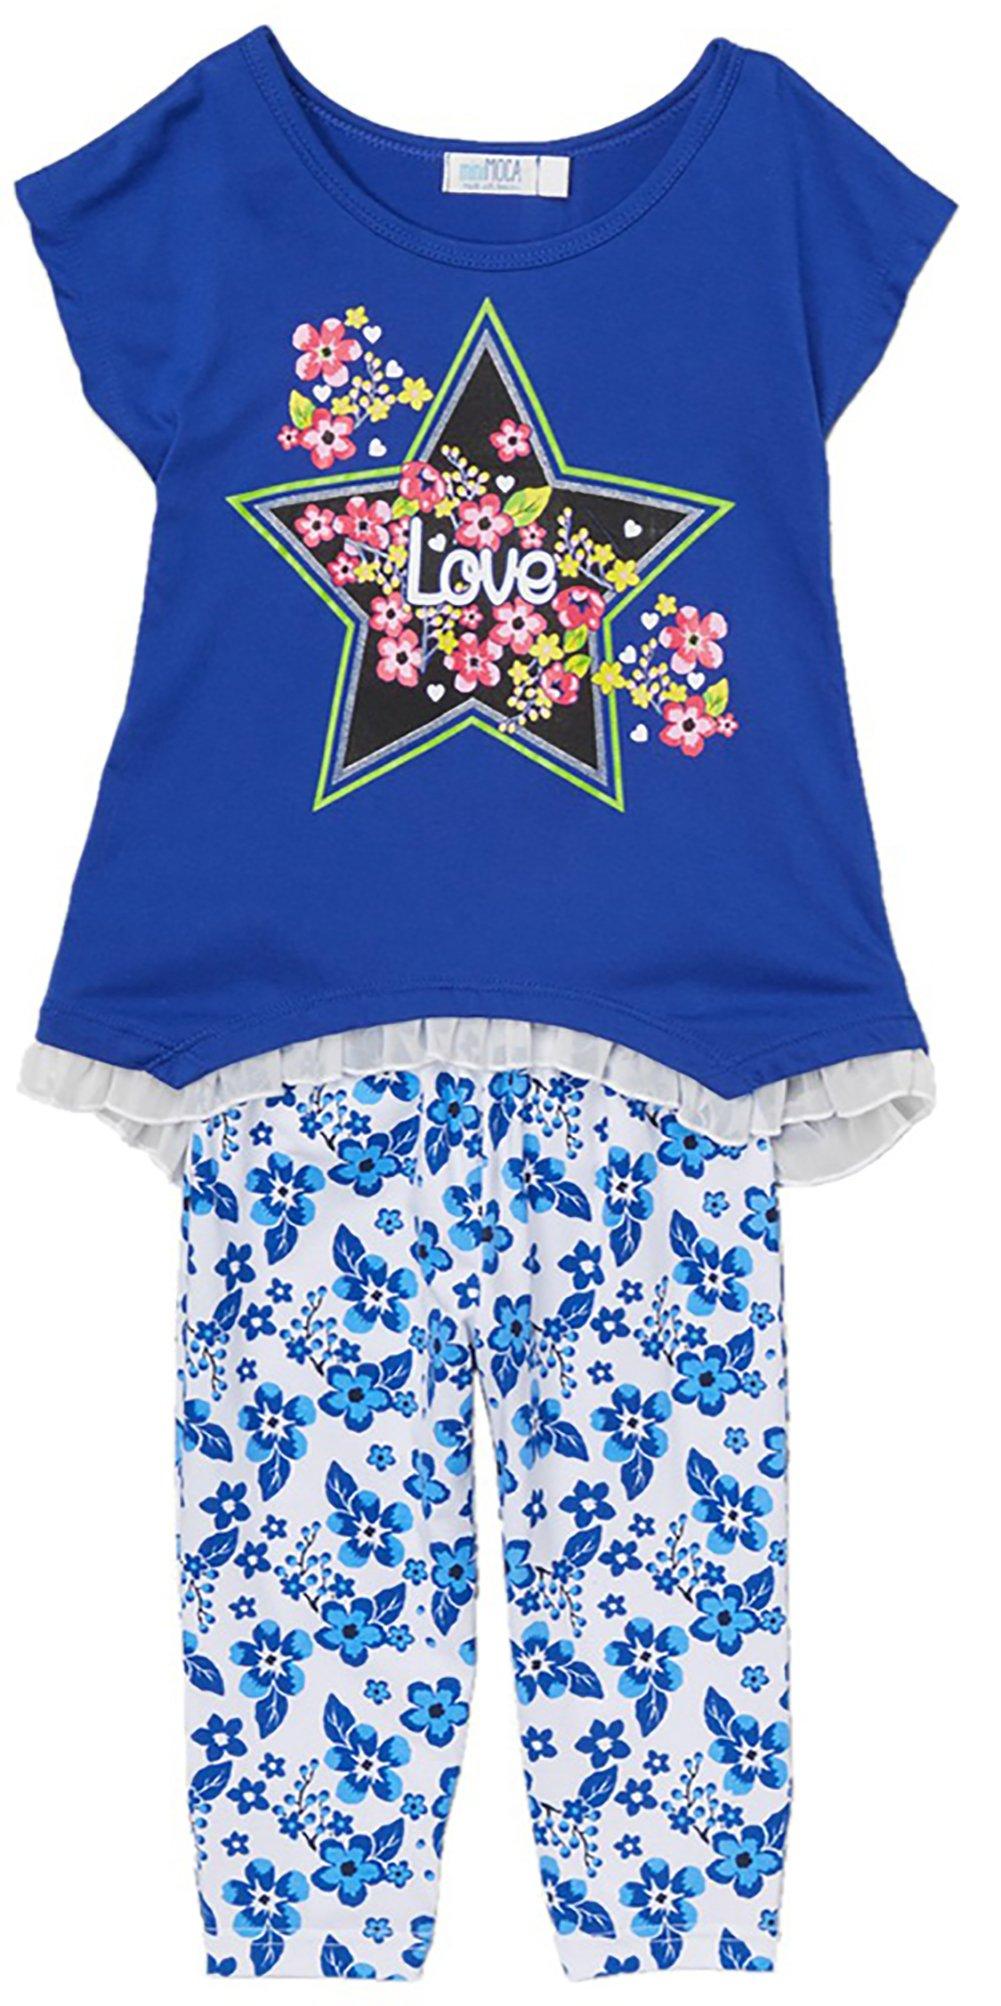 ToBeInStyle Girl's Love Star Girls' Legging Sets - Royal - 4